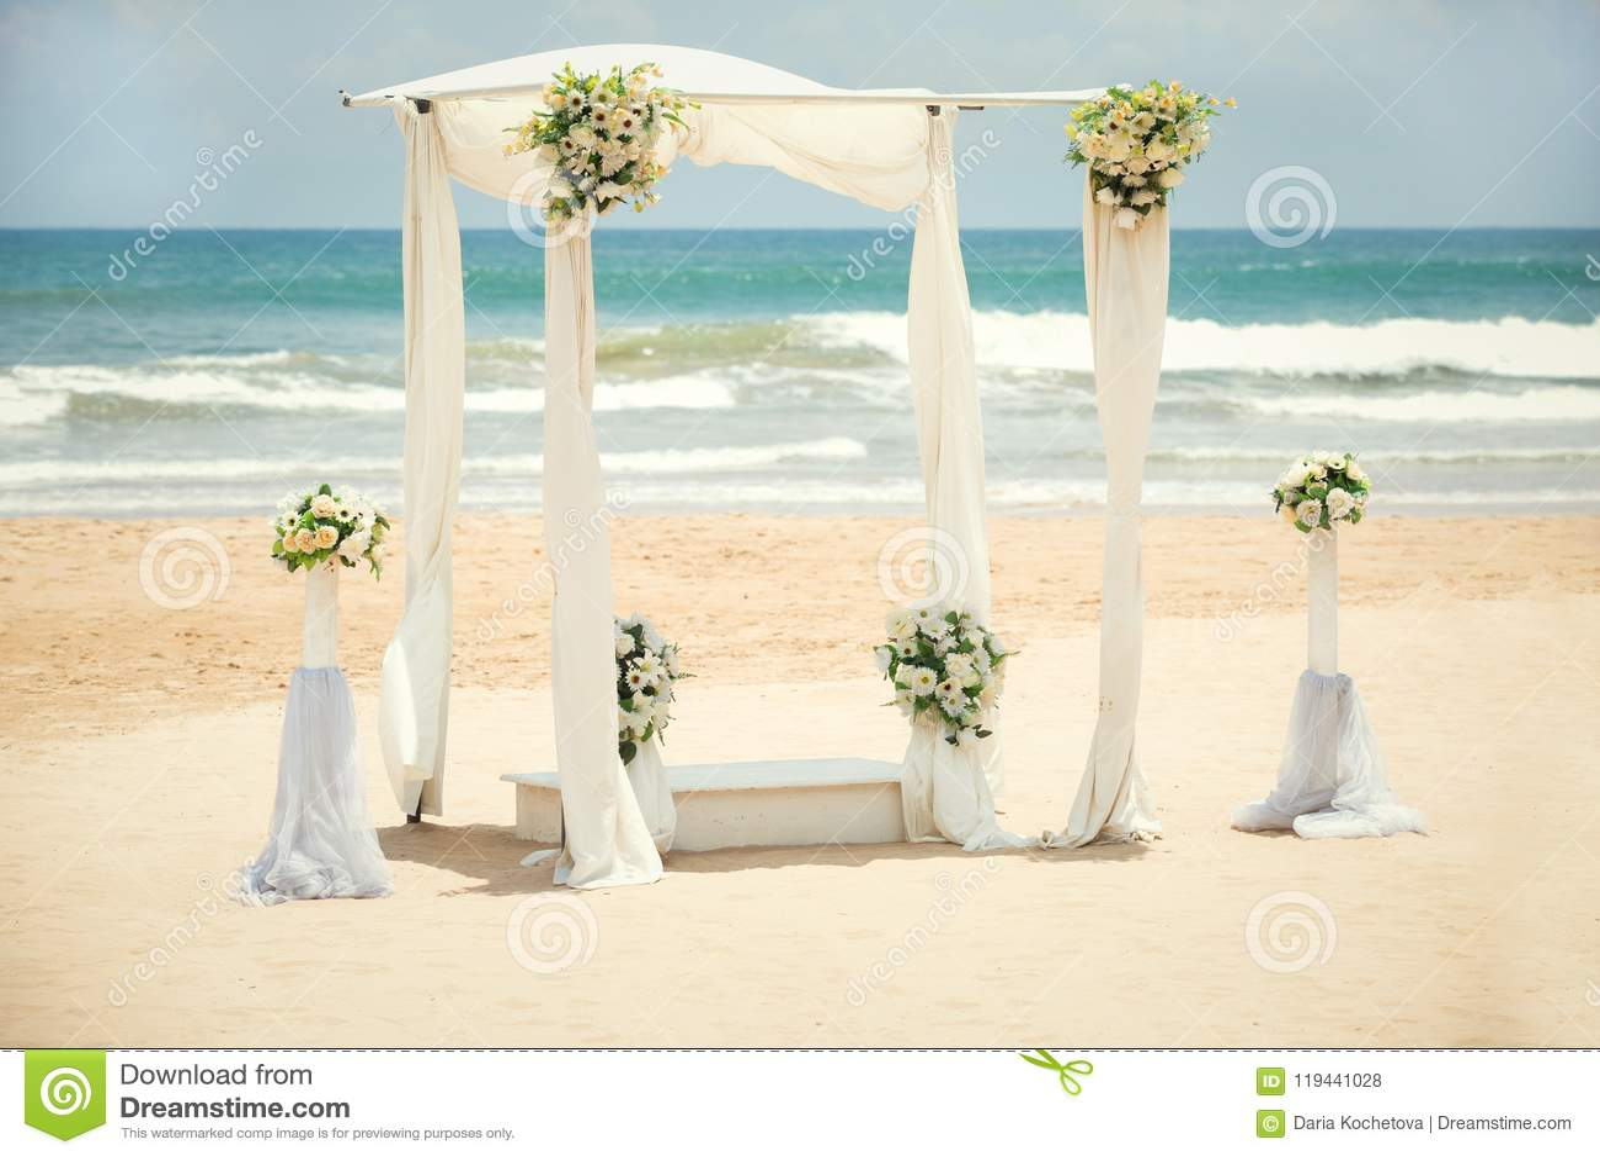 Decorazioni di nozze sulla spiaggia